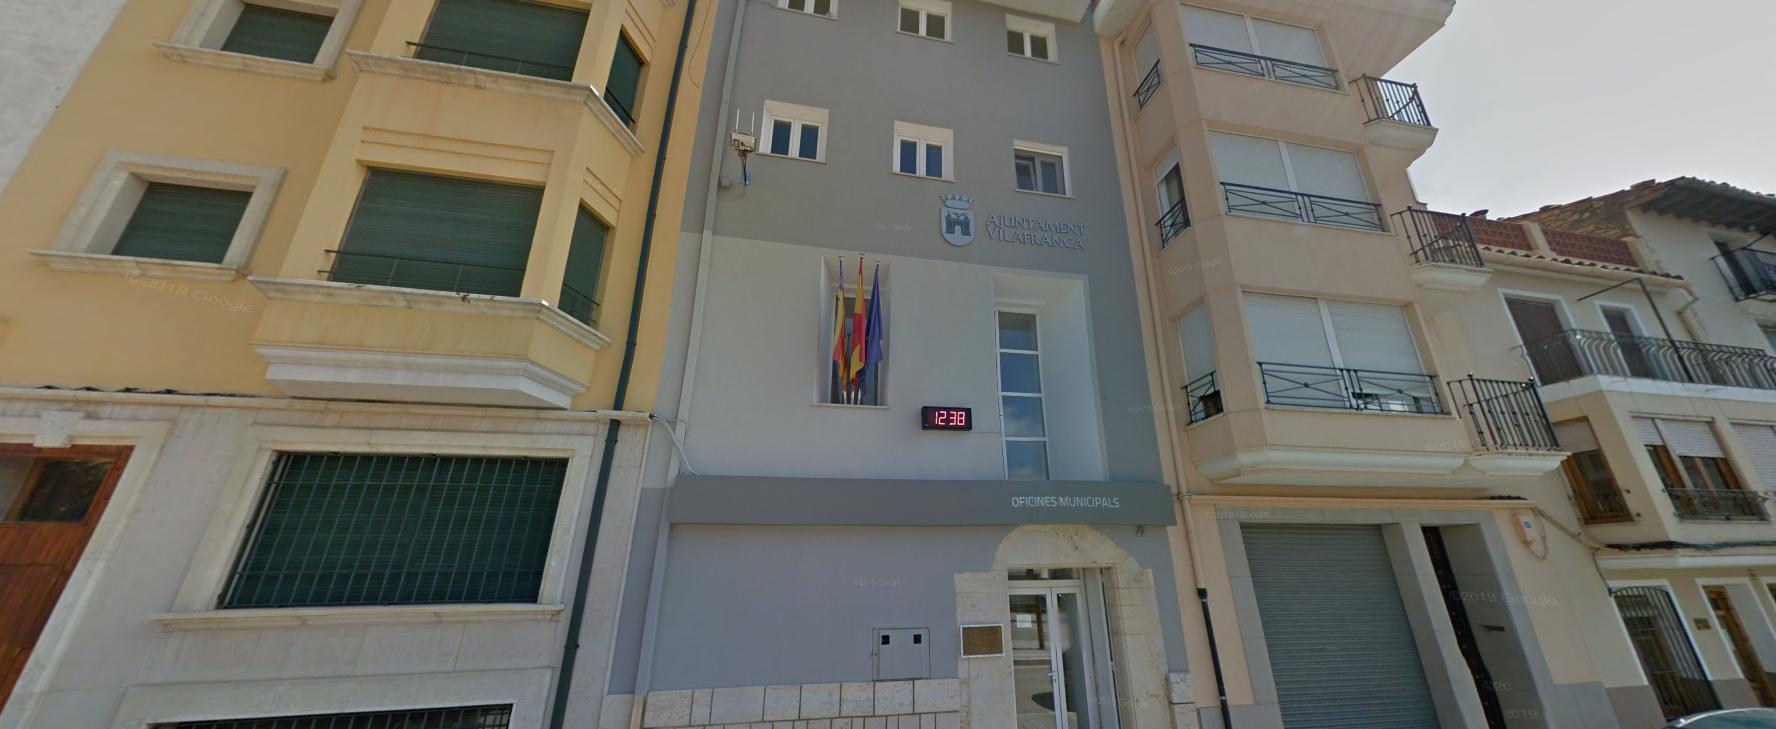 Vilafranca reparteix 36.700 euros de les ajudes del Pla Resistir